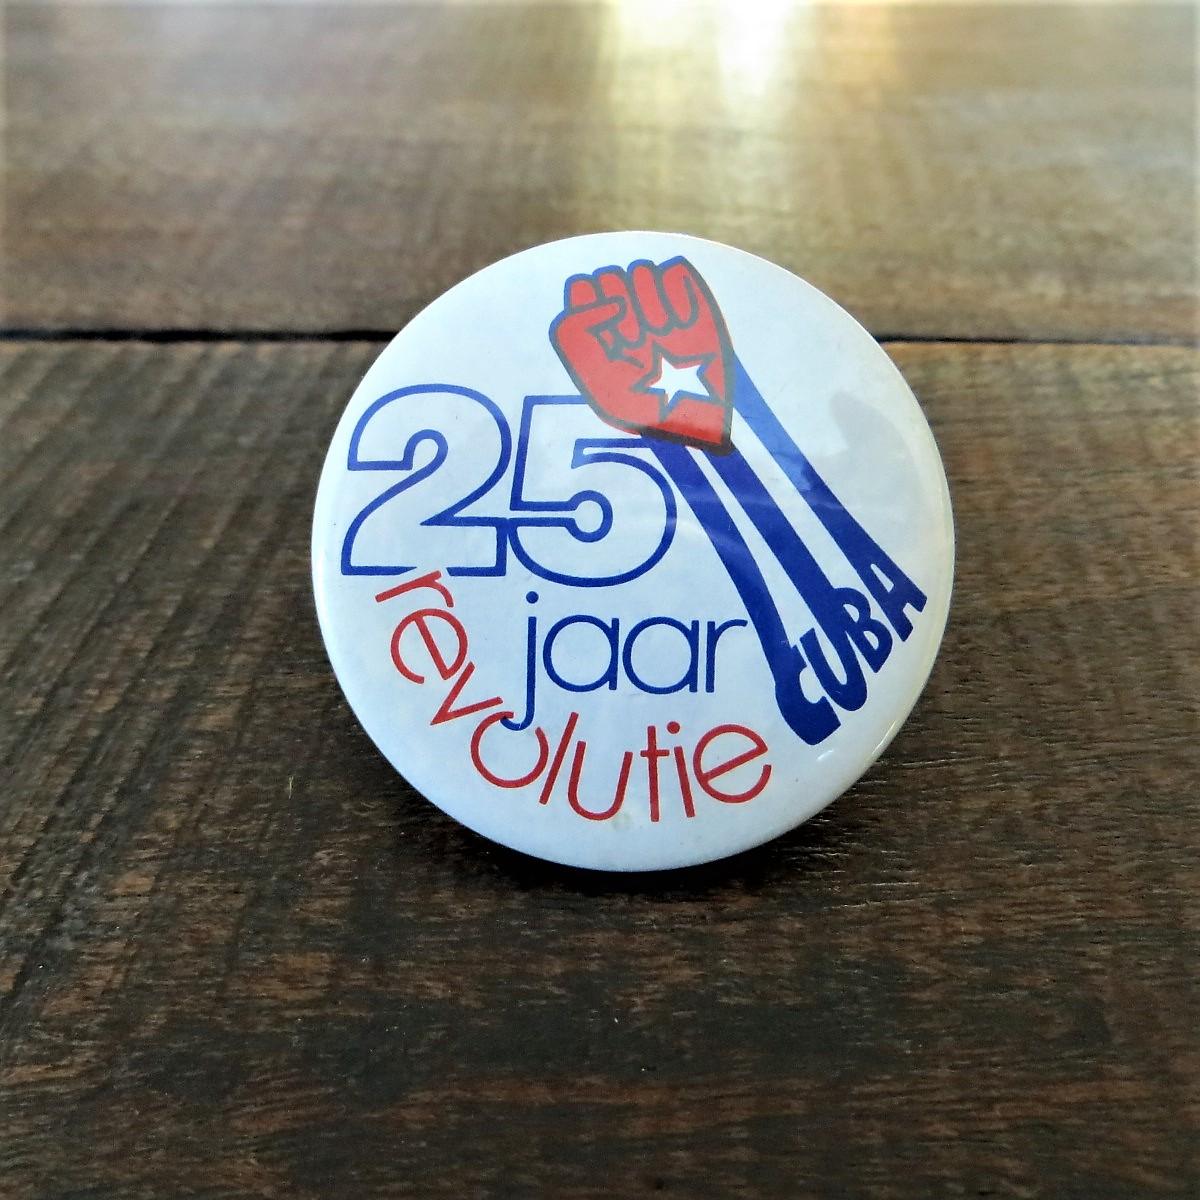 button-25-jaar-revolutie-cuba-1